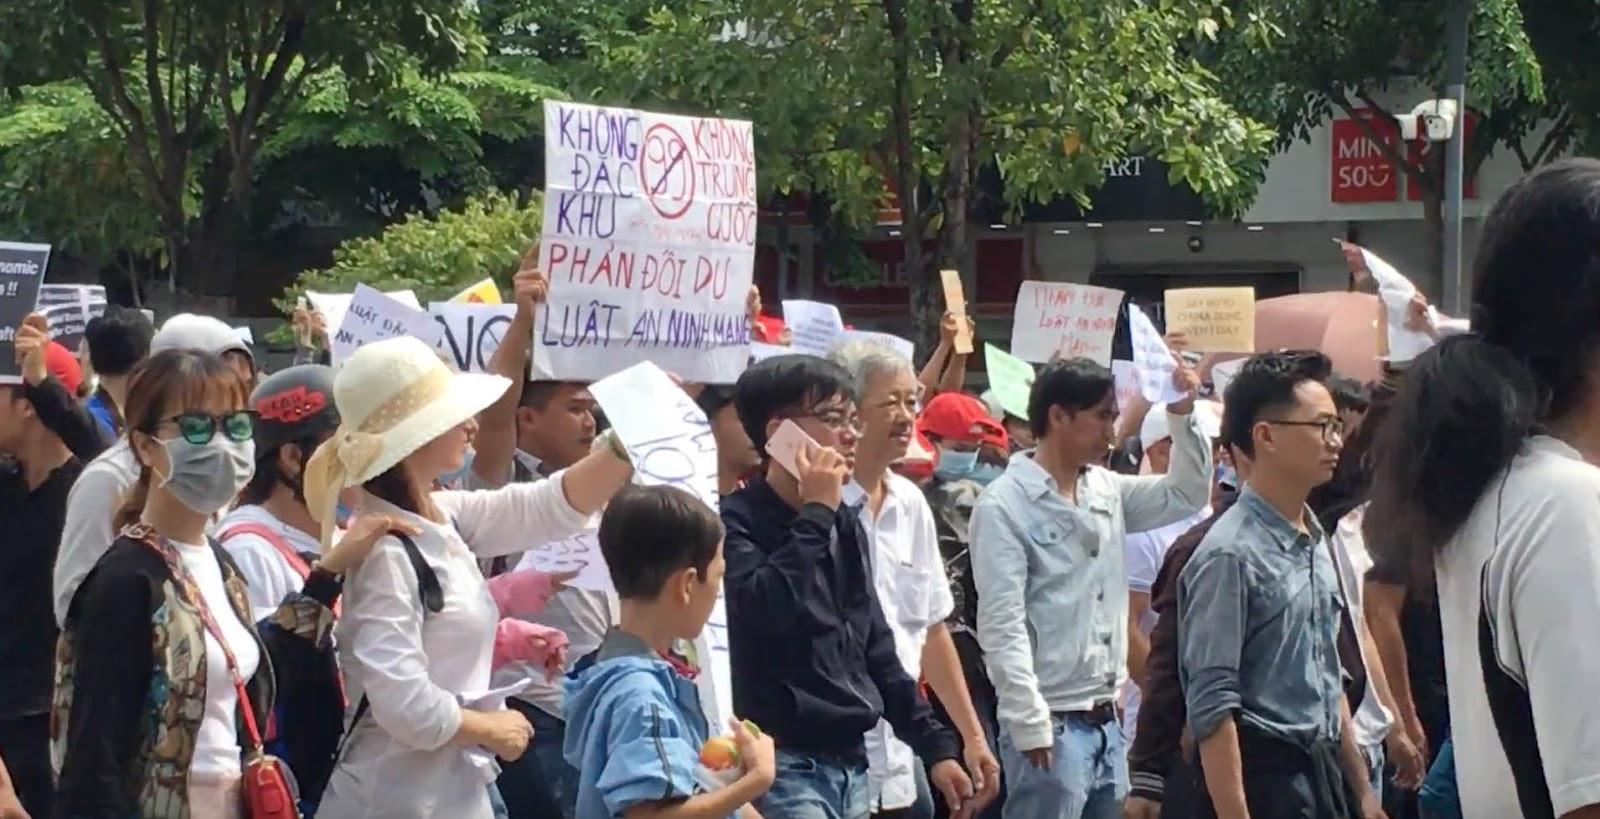 Người biểu tình ở Sài Gòn dơ biểu ngữ thể hiện nguyện vọng của mình. Ảnh mạng xã hội